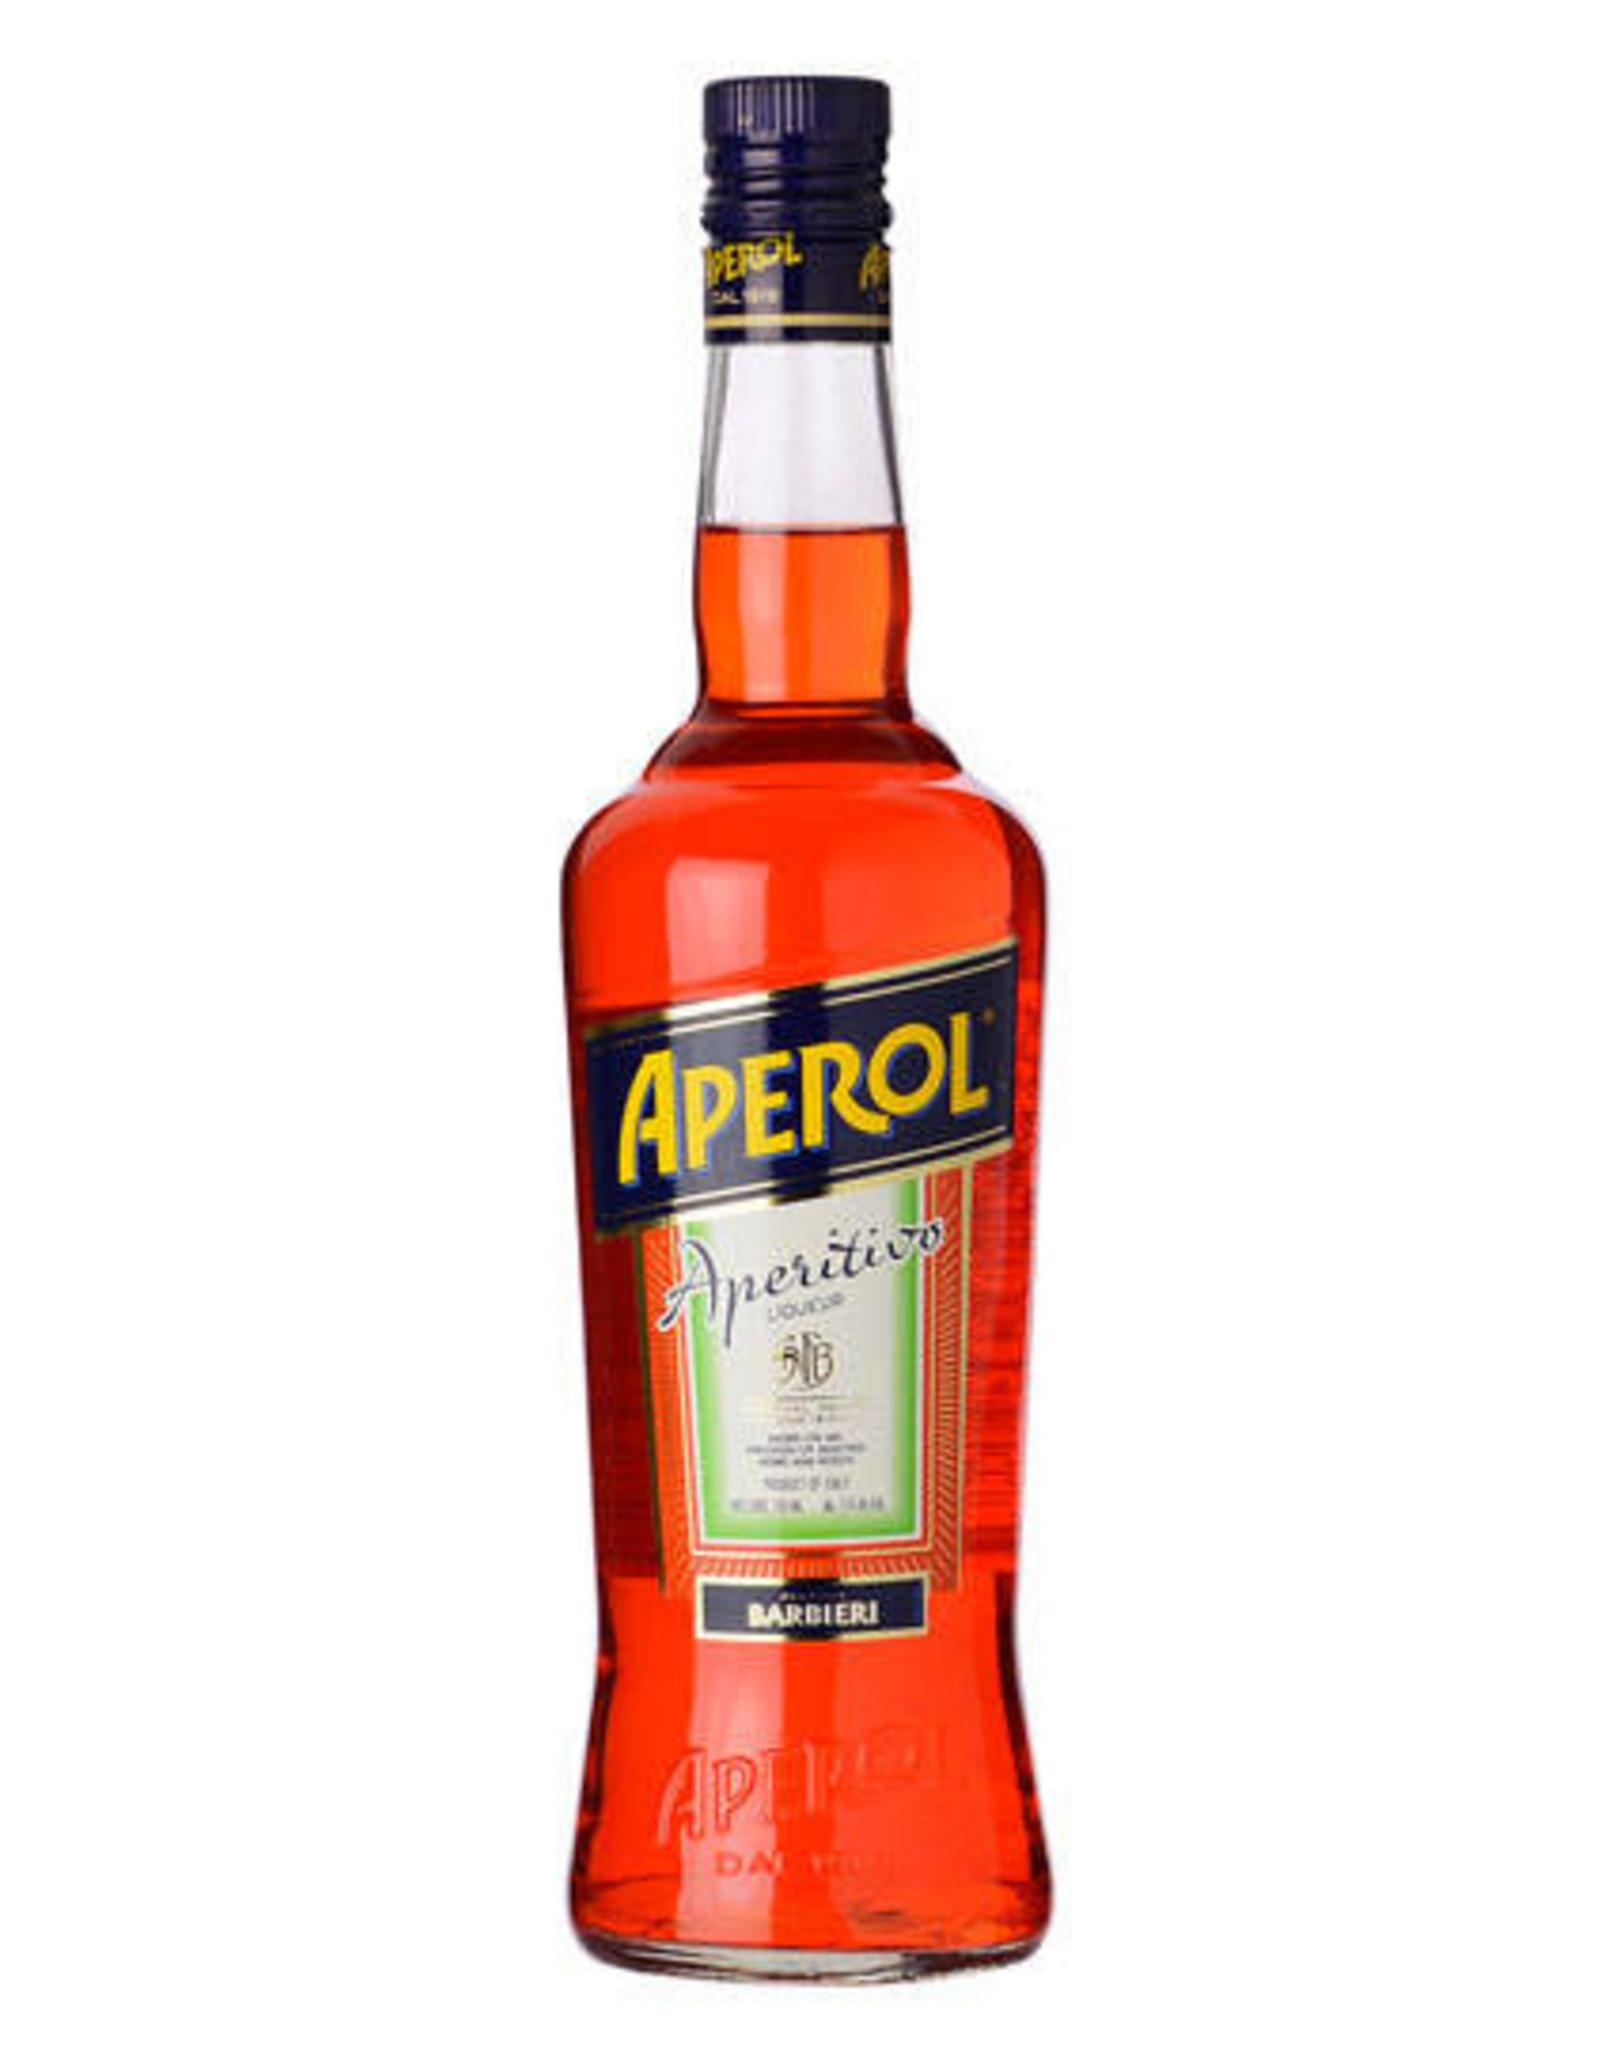 Aperol Aperol 1.0